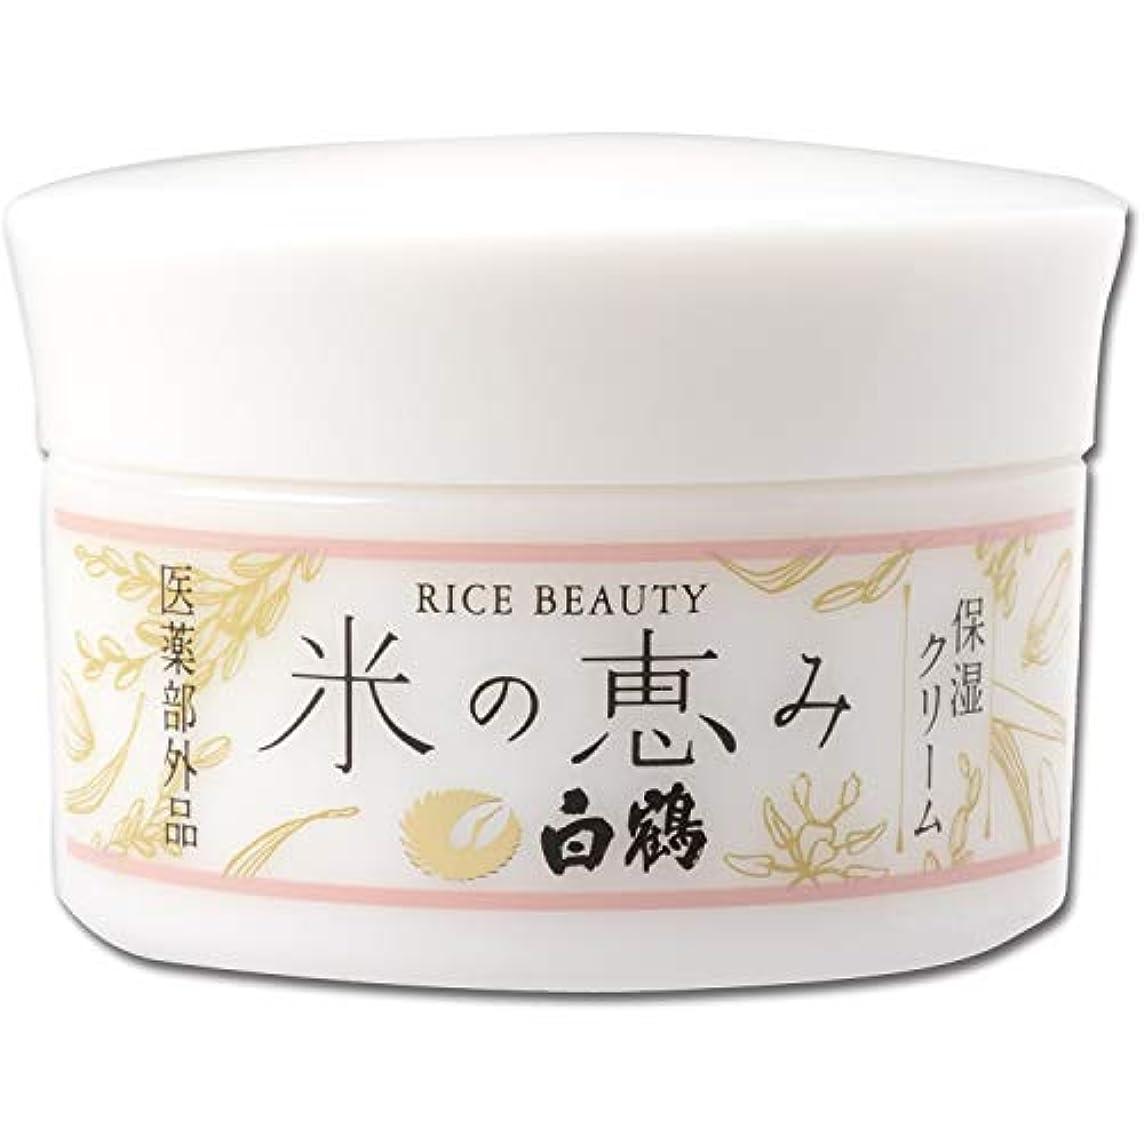 ファックスまあスクランブル白鶴 ライスビューティー 米の恵み 保湿クリーム 48g (医薬部外品)